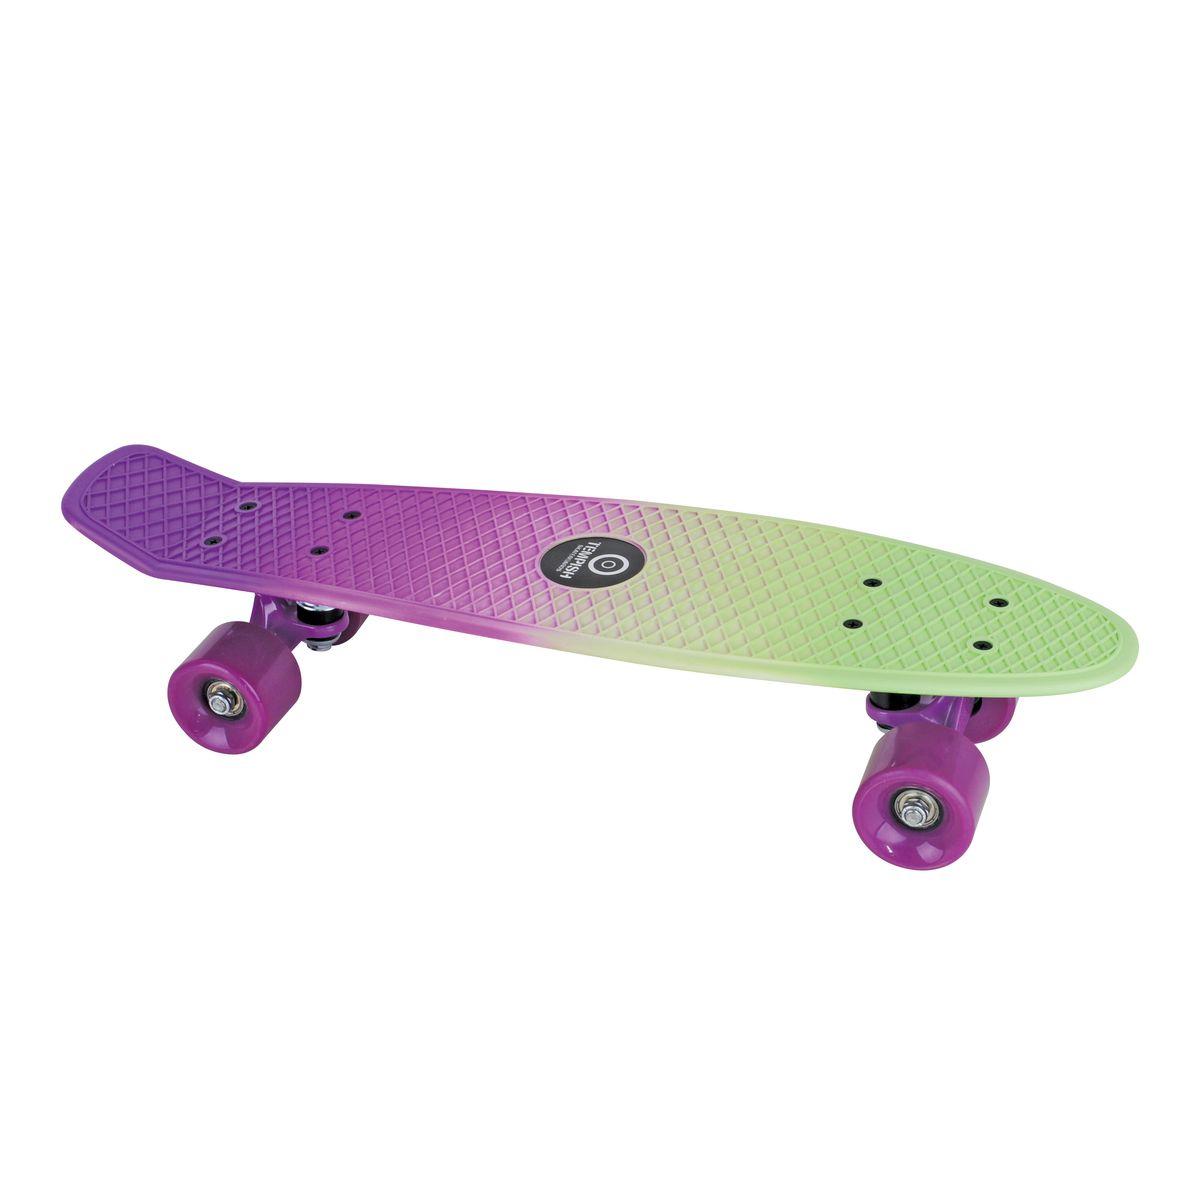 Скейтборд пластиковый Tempish Buffy Sweet, цвет: фиолетовыйKarjala Comfort NNNПени борд Tempish Buffy нагрузка до 100 кг